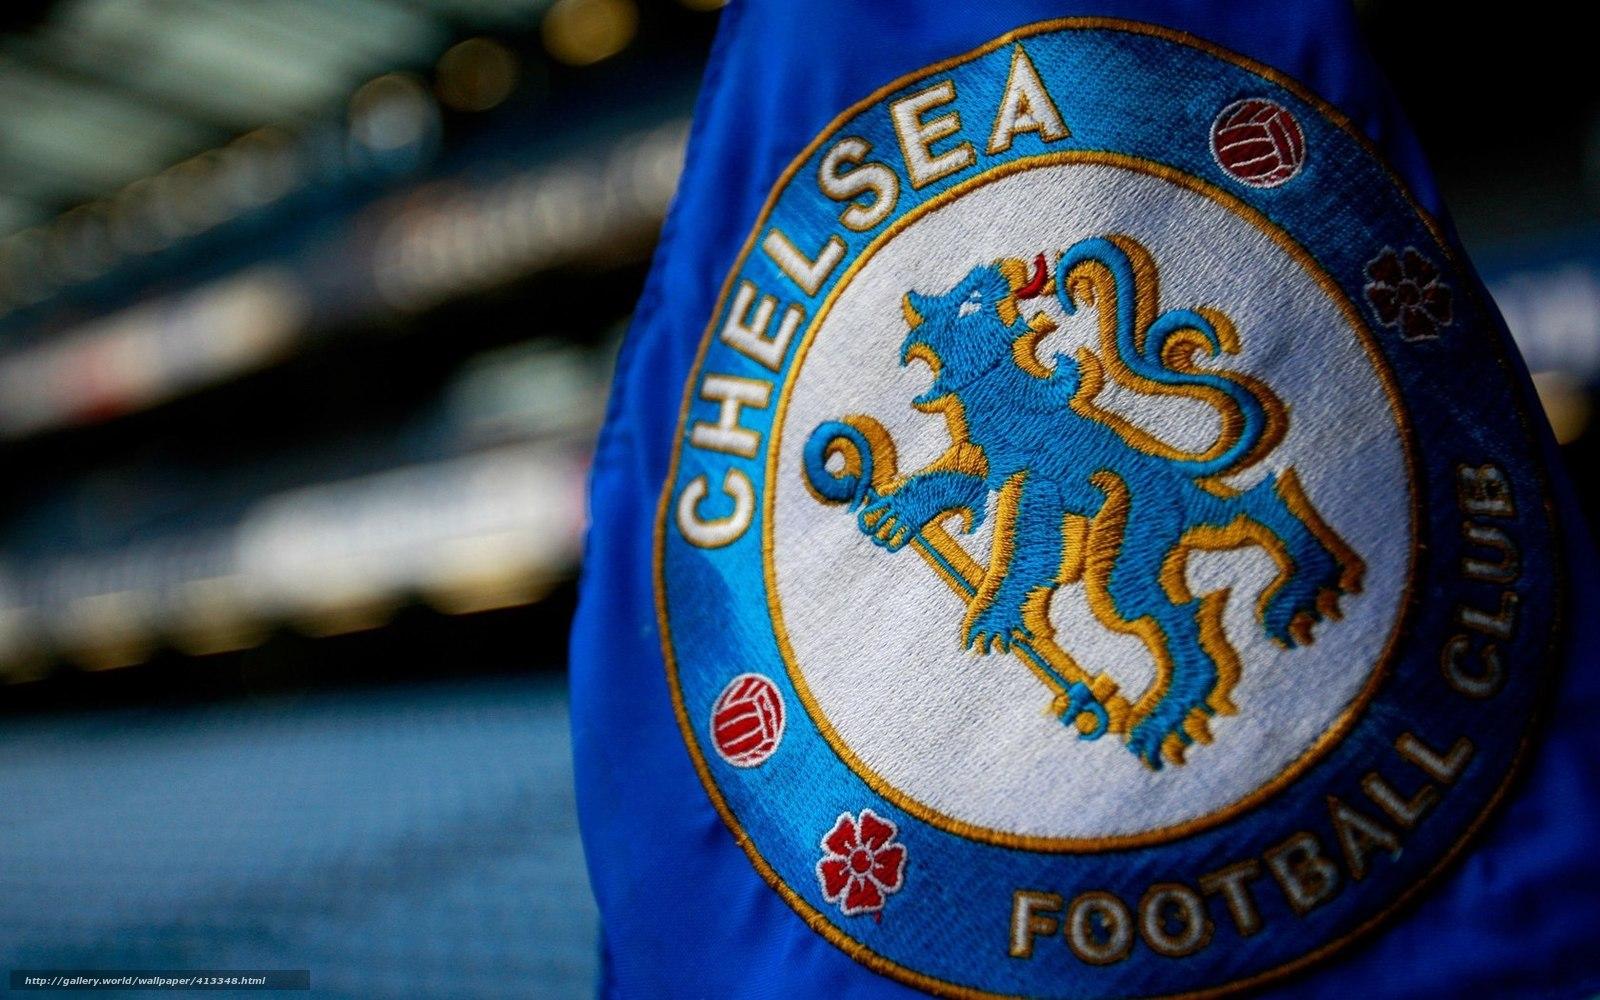 ФК Челси, фото, обои, картинка #413348 — www ...